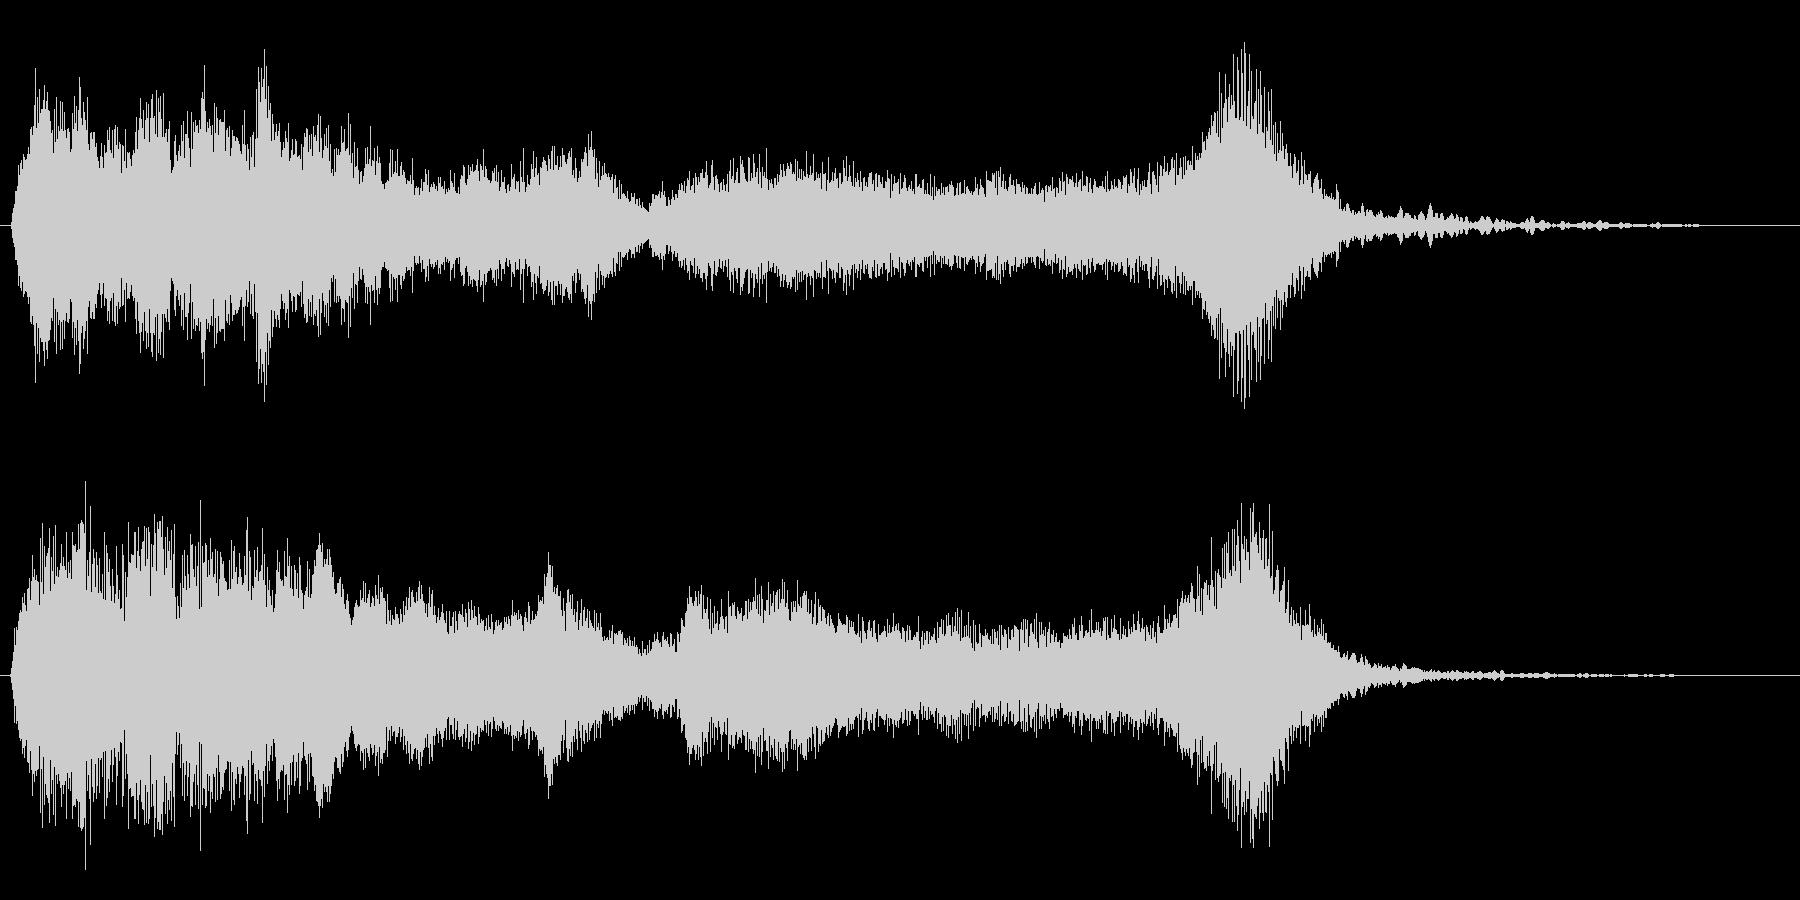 怪しげなファンファーレ 金管のみの未再生の波形